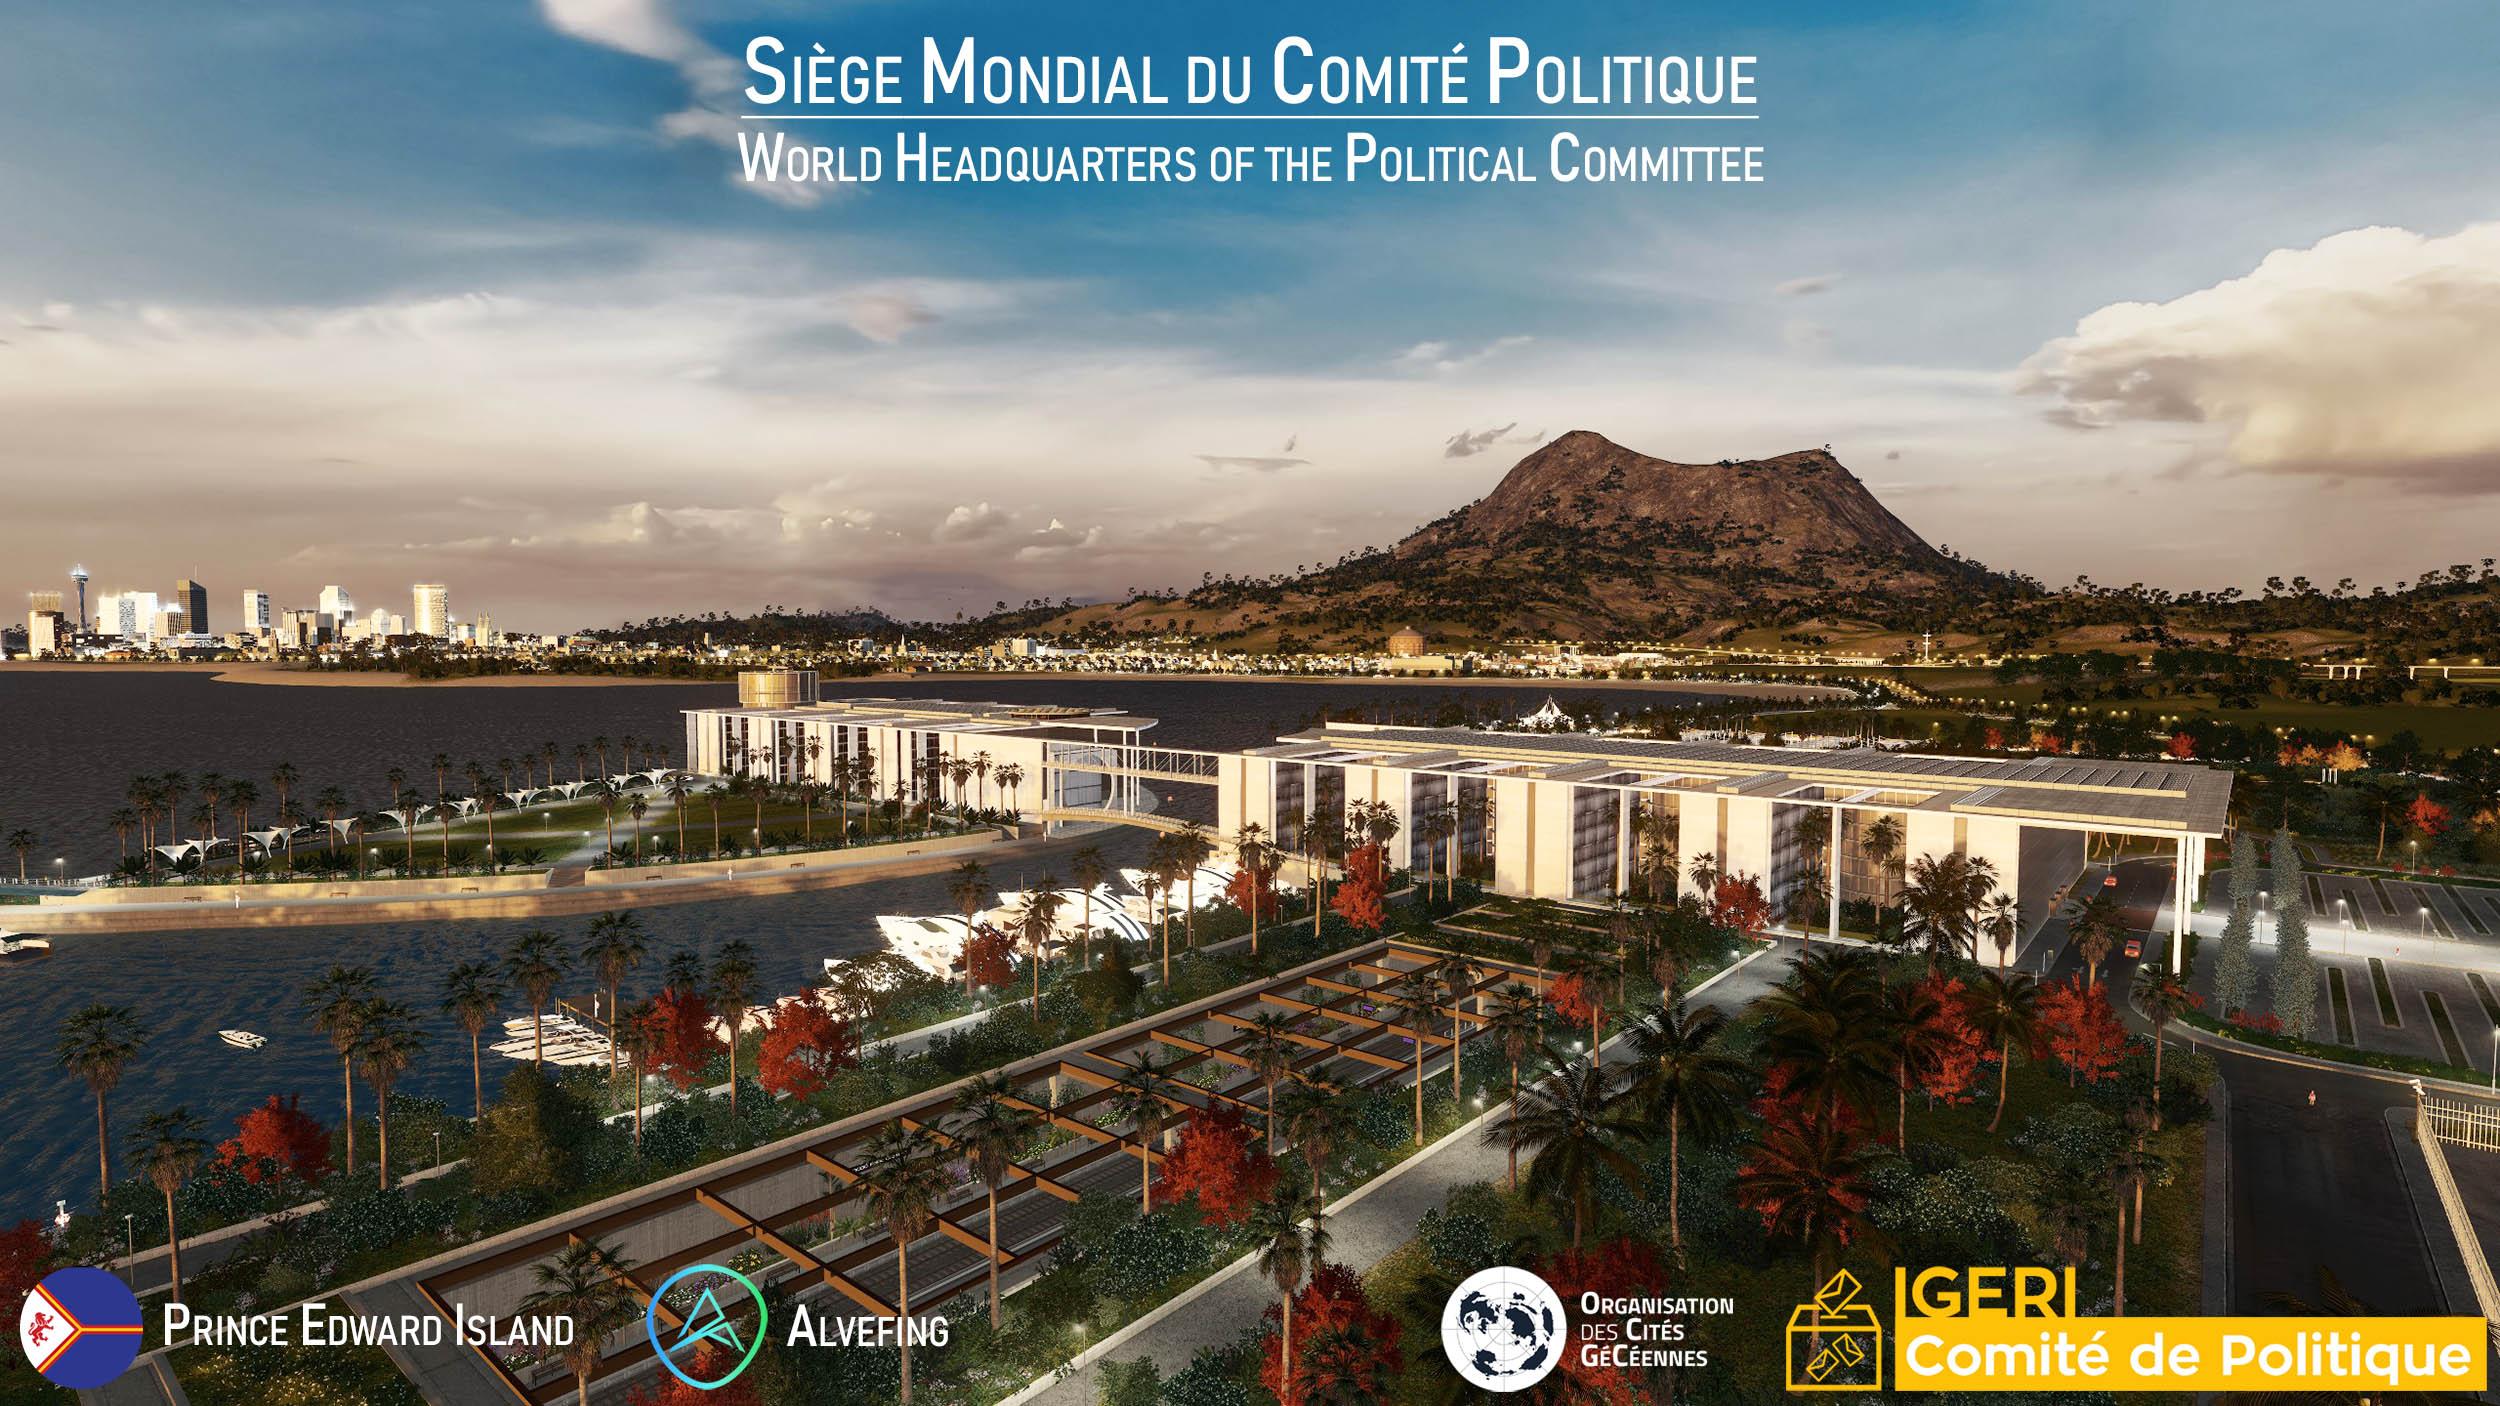 Concours du siège mondial du Comité Politique - Page 3 PEI_IGERI-Couv2